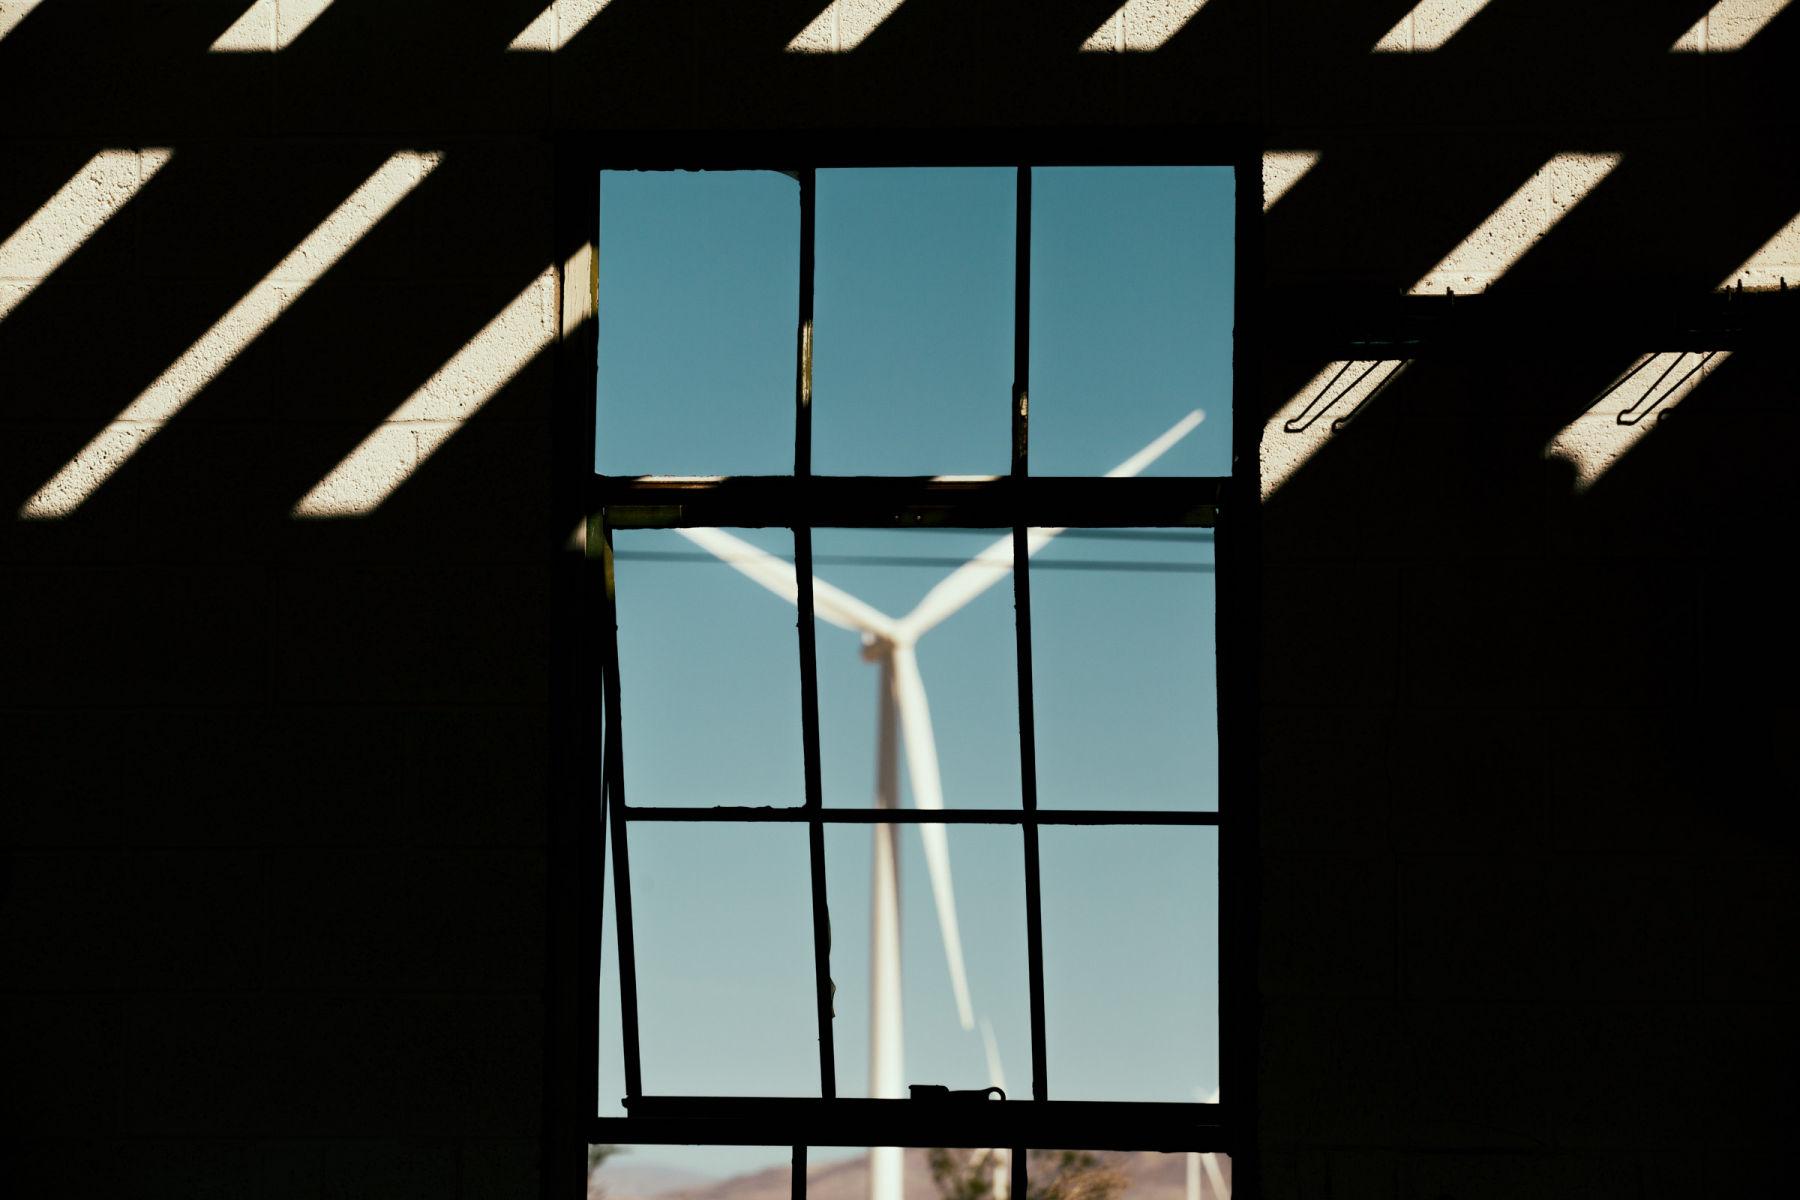 1windmill_elcentro_ca_g_lheureux_0451.jpg